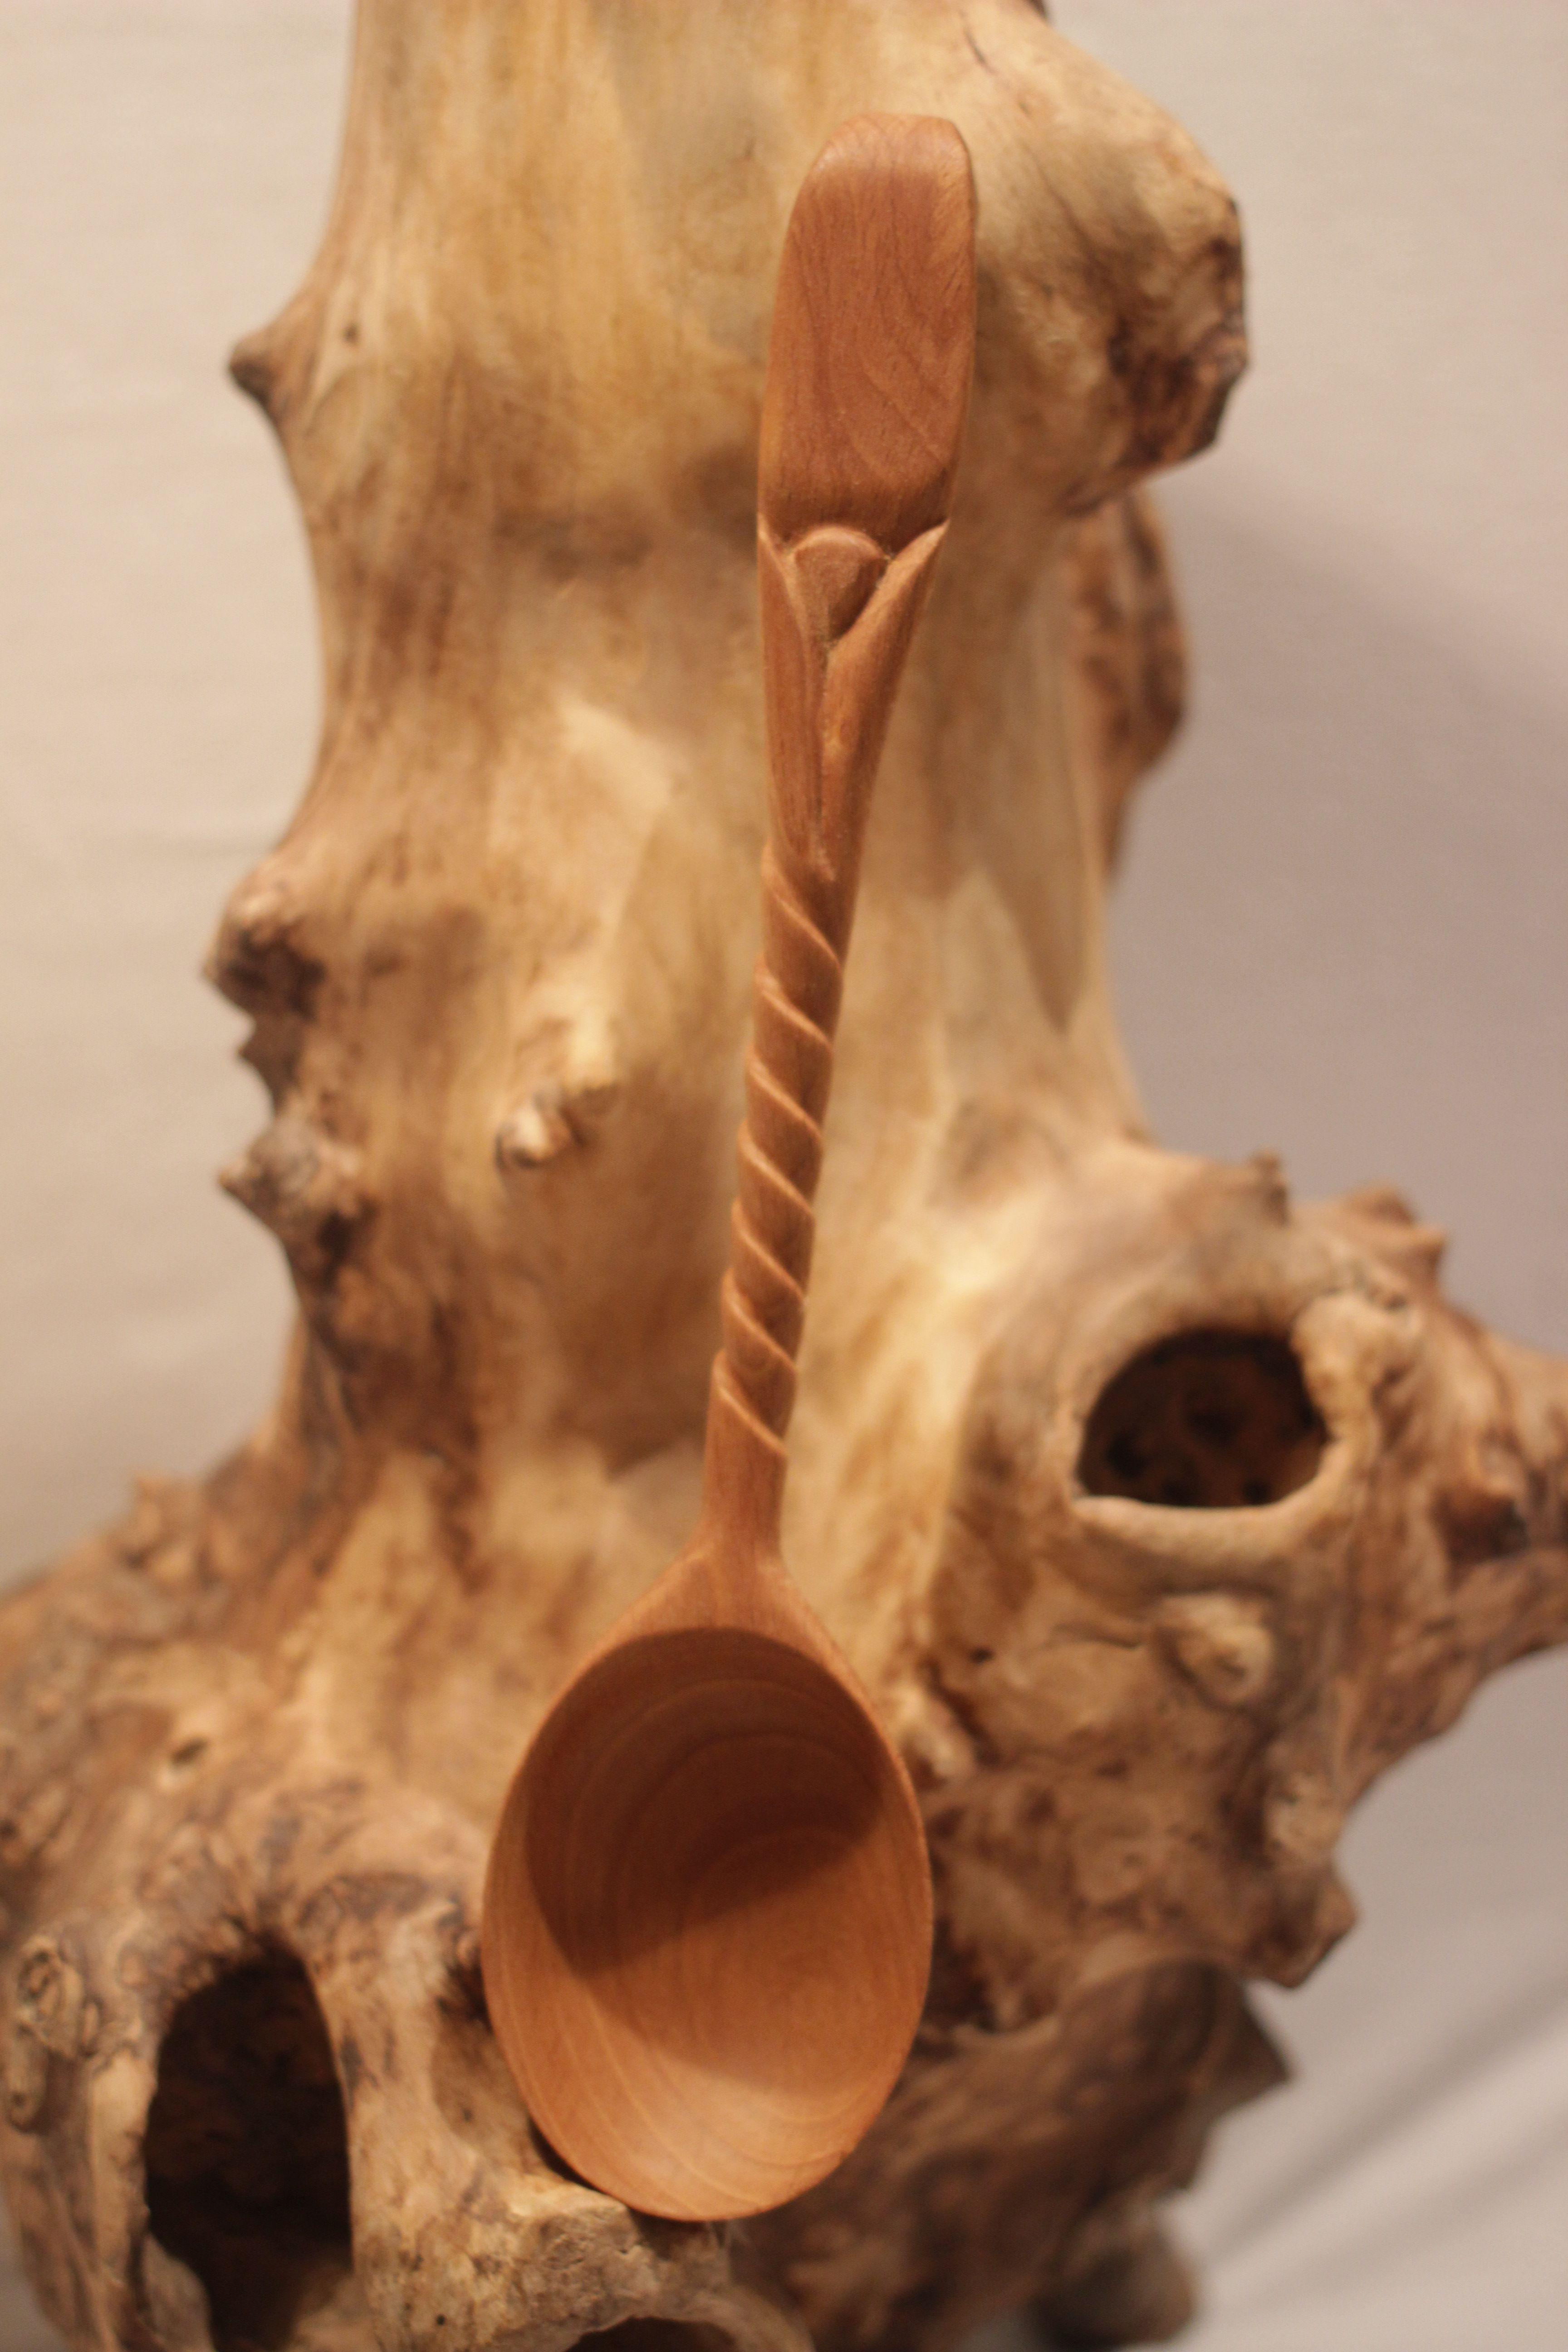 посудадеревянная утварьпосуда кухонная дерева по из ложкидеревокухонная утварьдля кухниложки деревянныерезьба деревукухняподарокподарок хозяйкедеревянная